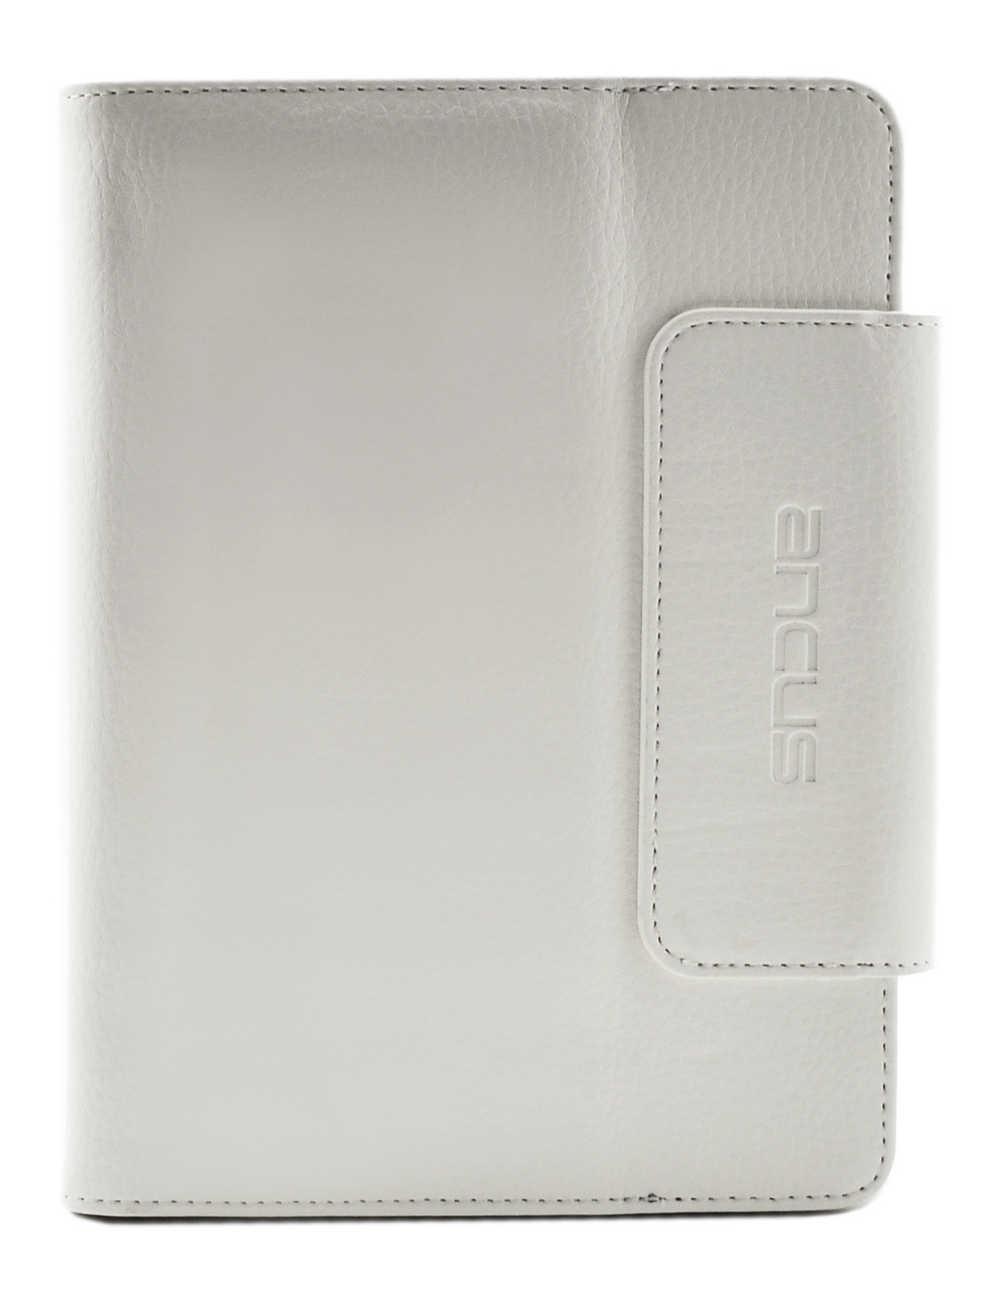 Θήκη Book Ancus Teneo Universal για Tablet 9'' - 10.1'' Ίντσες Λευκή (26 cm x 19 cm)